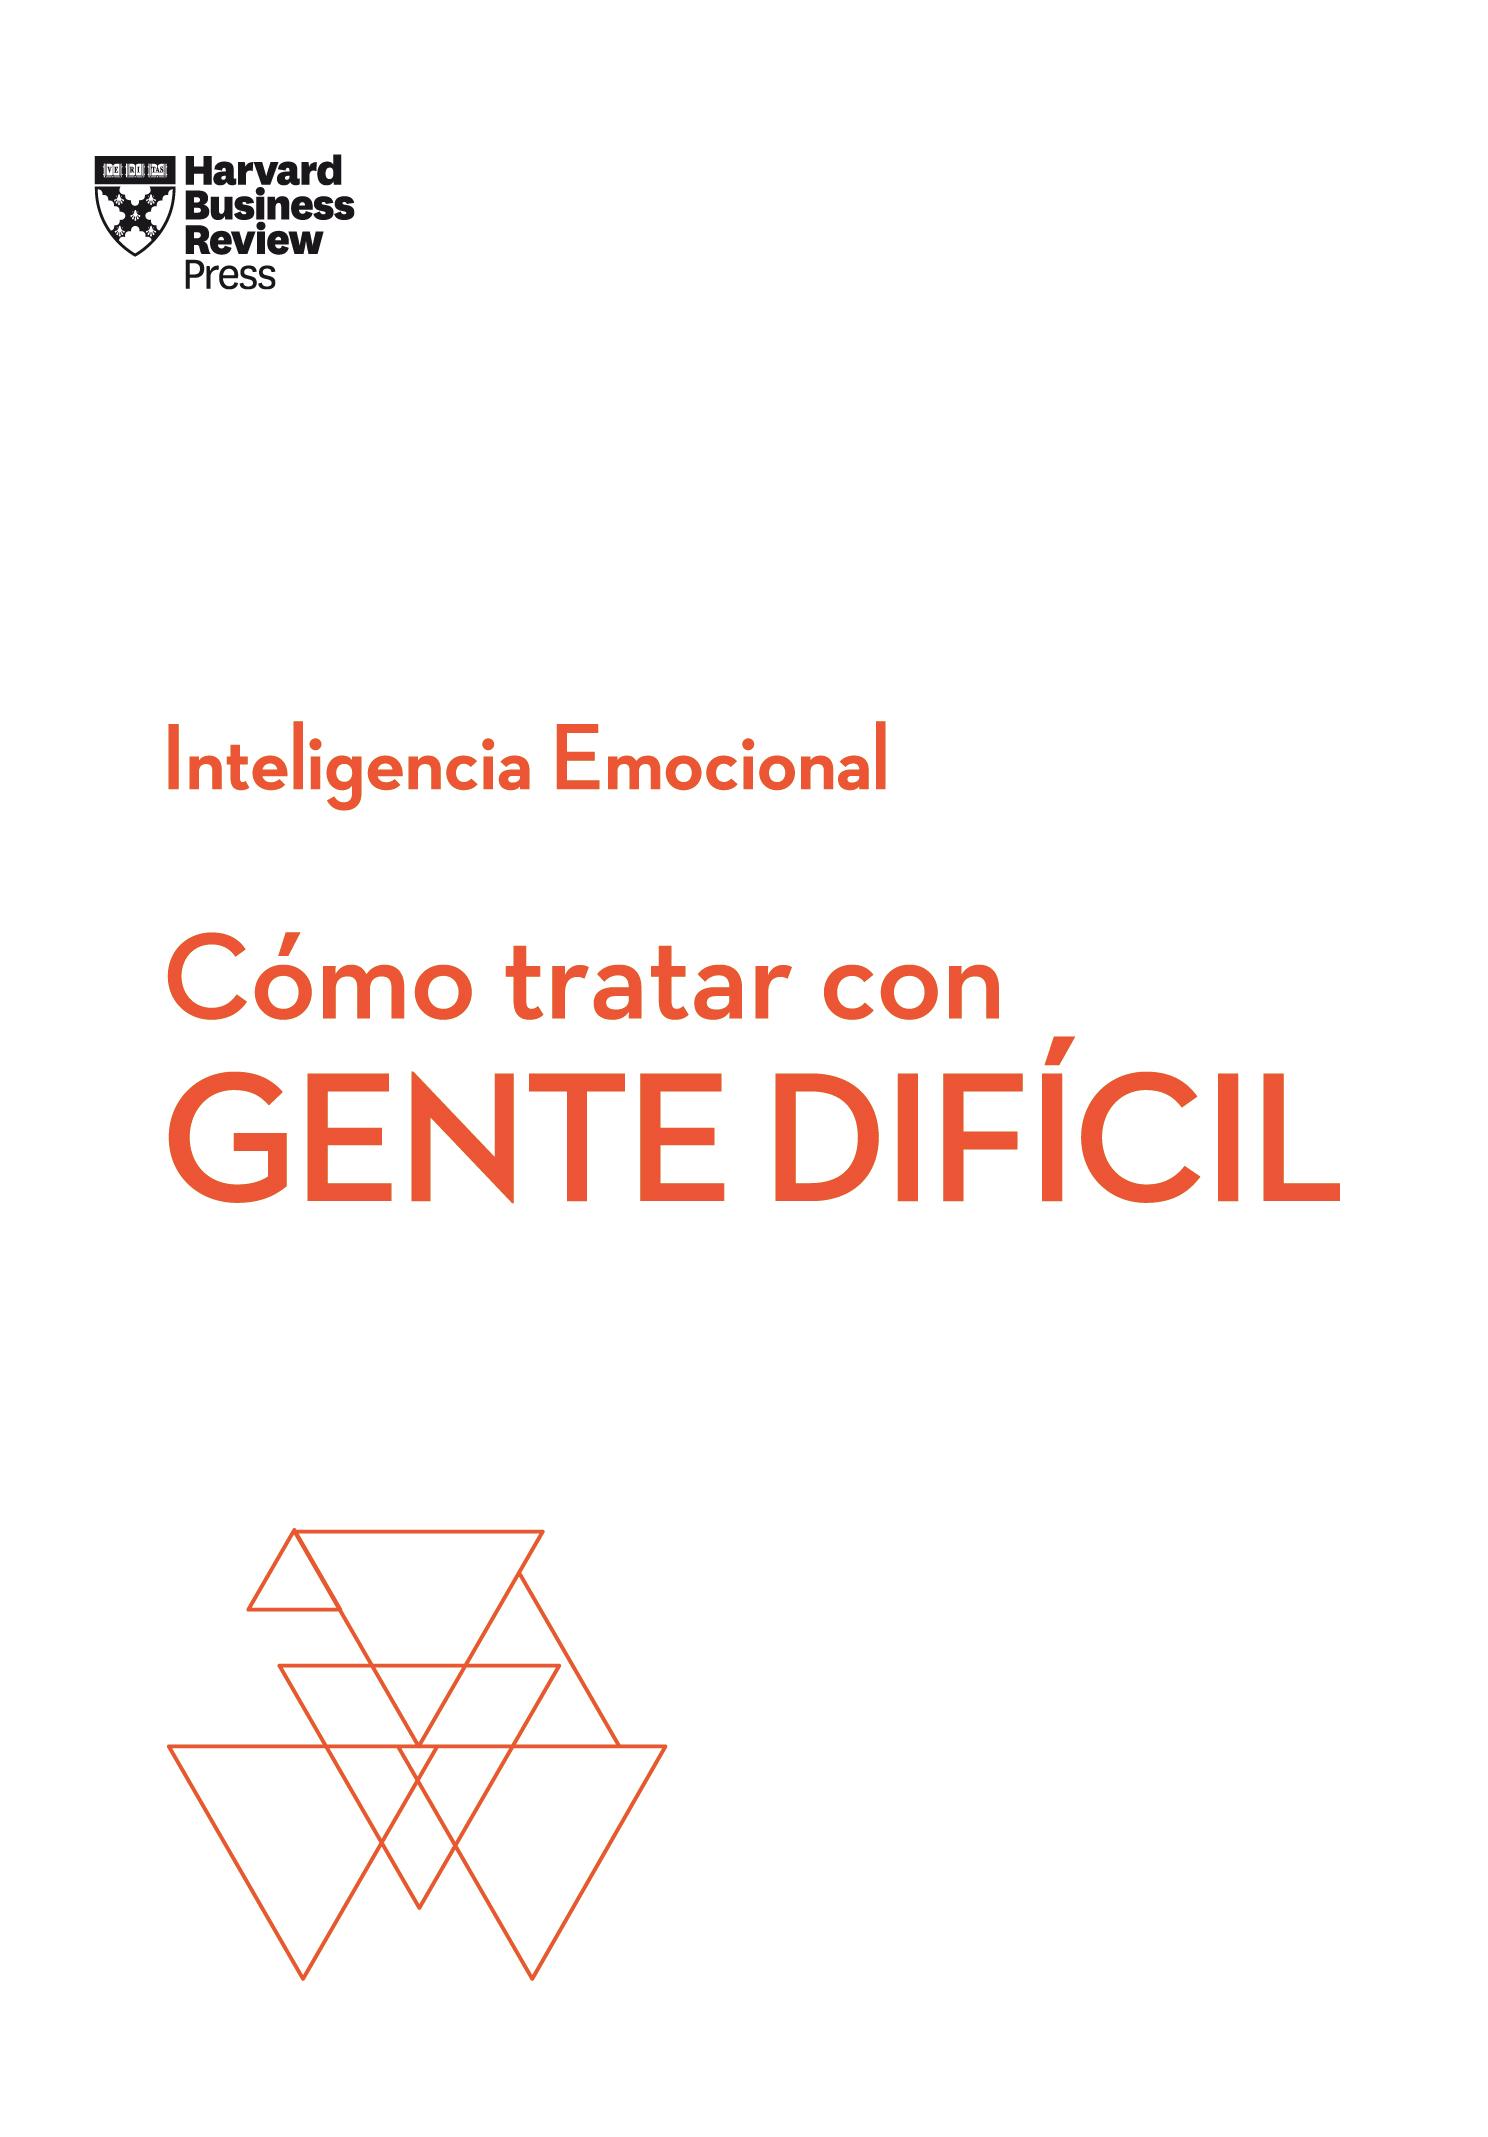 Cómo tratar con gente difícil.  Serie Inteligencia Emocional HBR